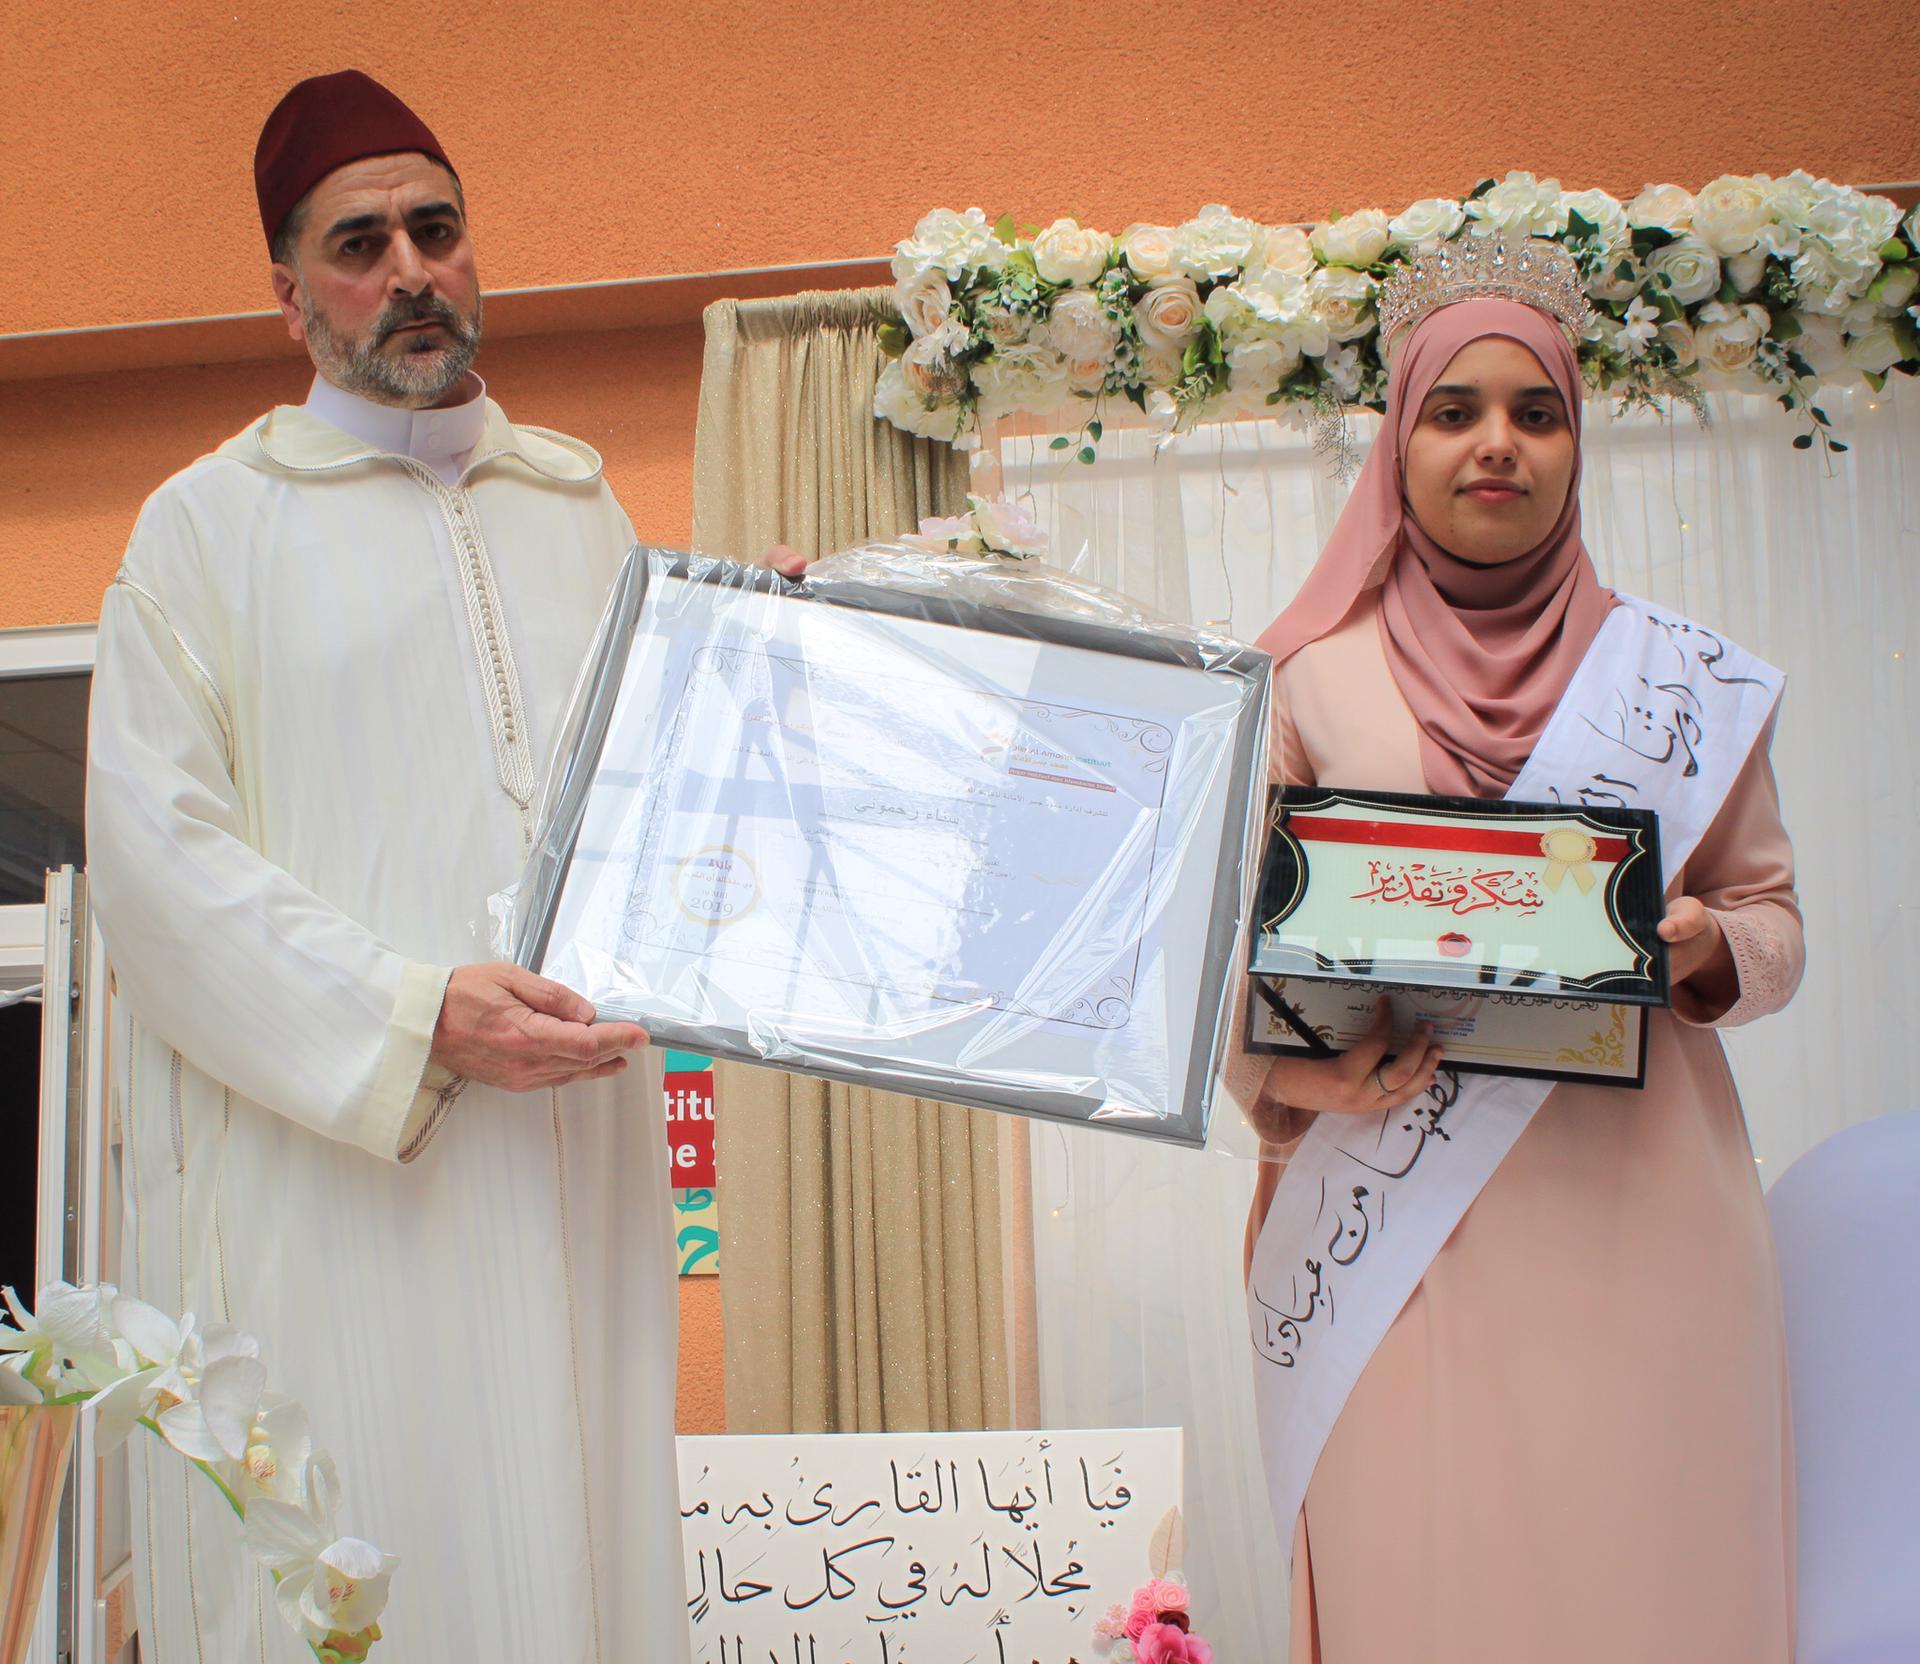 معهد جسر الأمانة بأنفرس يقيم حفل تكريم على شرف الحافظة لكتاب الله سناء رحموني.